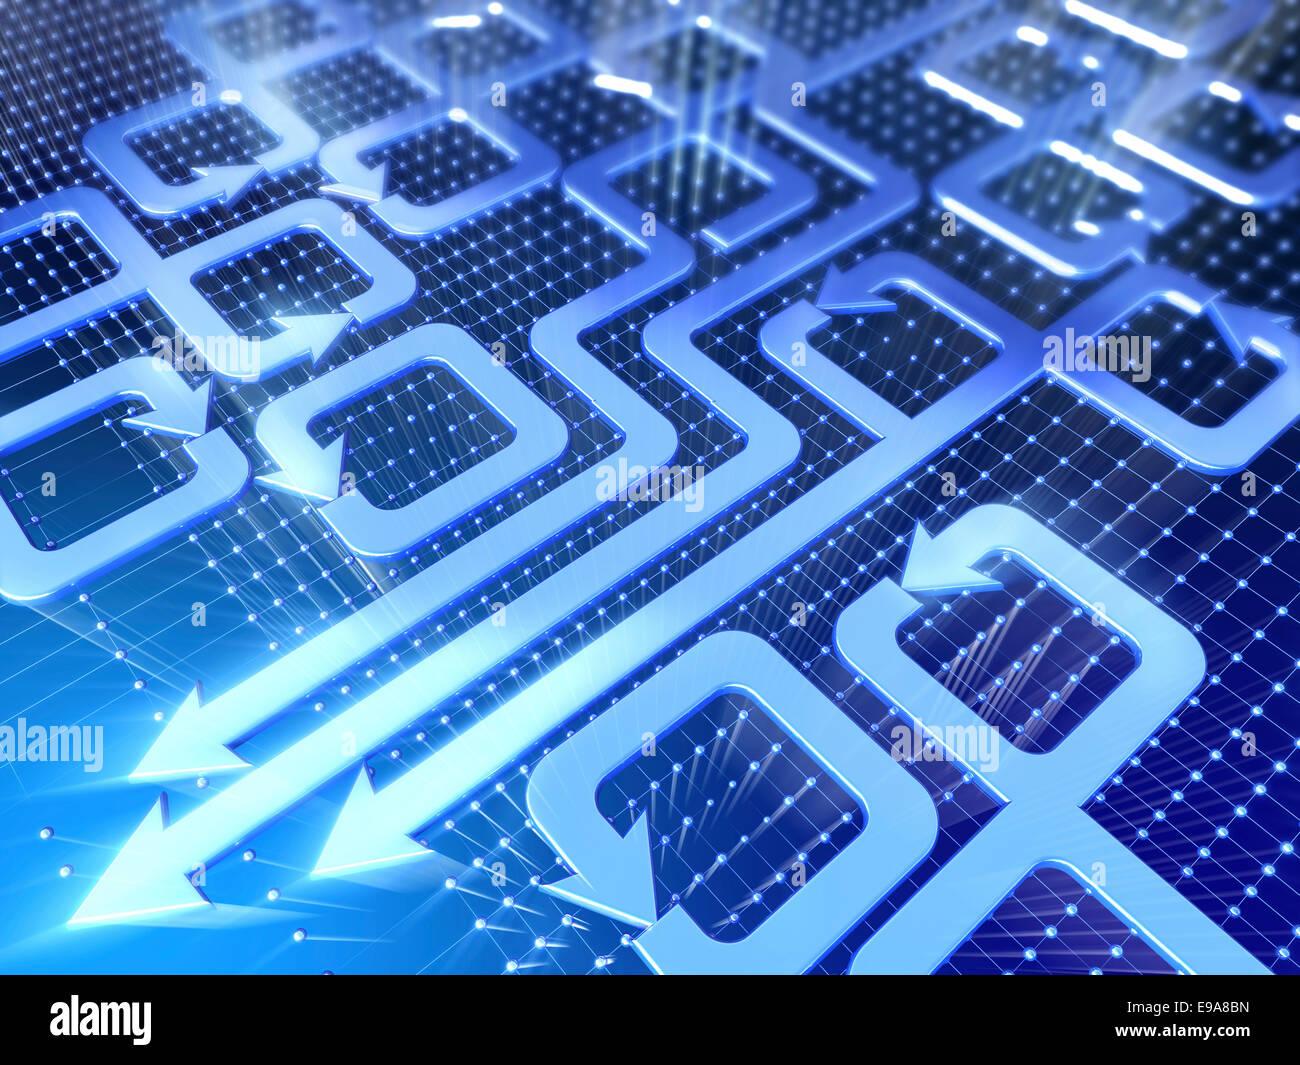 Abstrakte Technologie 3d Illustration. Verschiedene Pfeile auf blauem Hintergrund. Stockbild